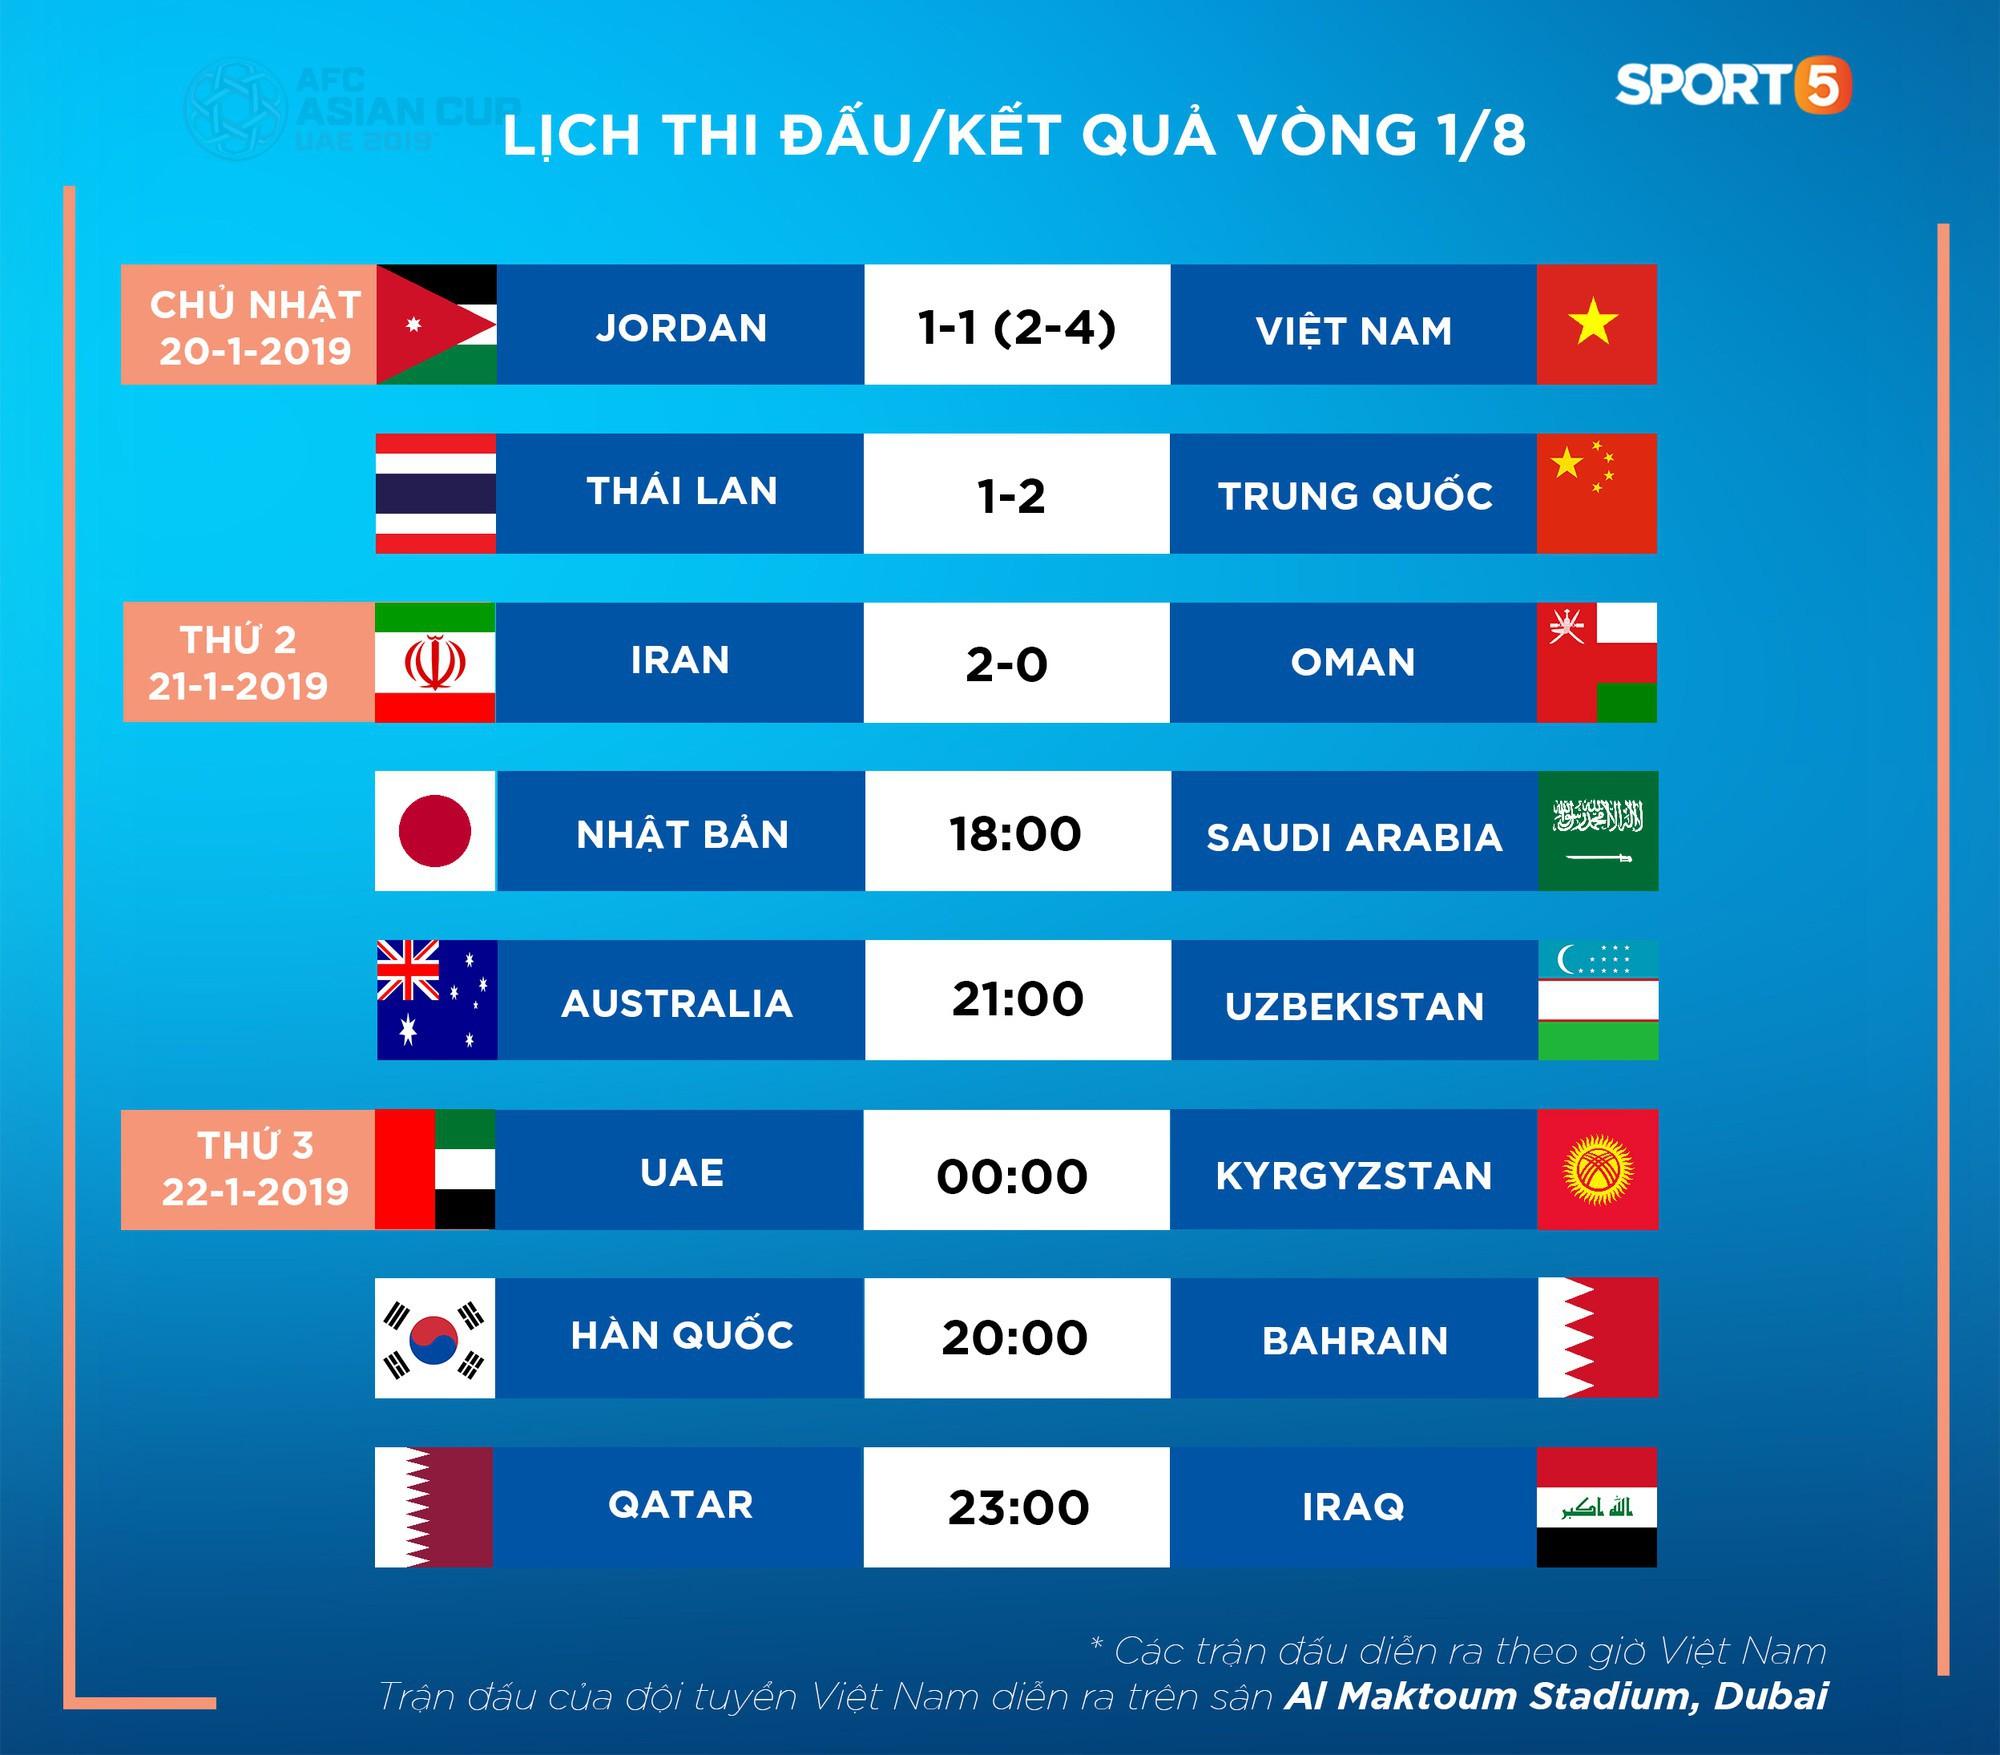 Chuyện kỳ lạ tại Asian Cup 2019: HLV Thái Lan lén lút yểm bùa cầu may nhưng bị người Trung Quốc tỉnh táo hóa giải-2